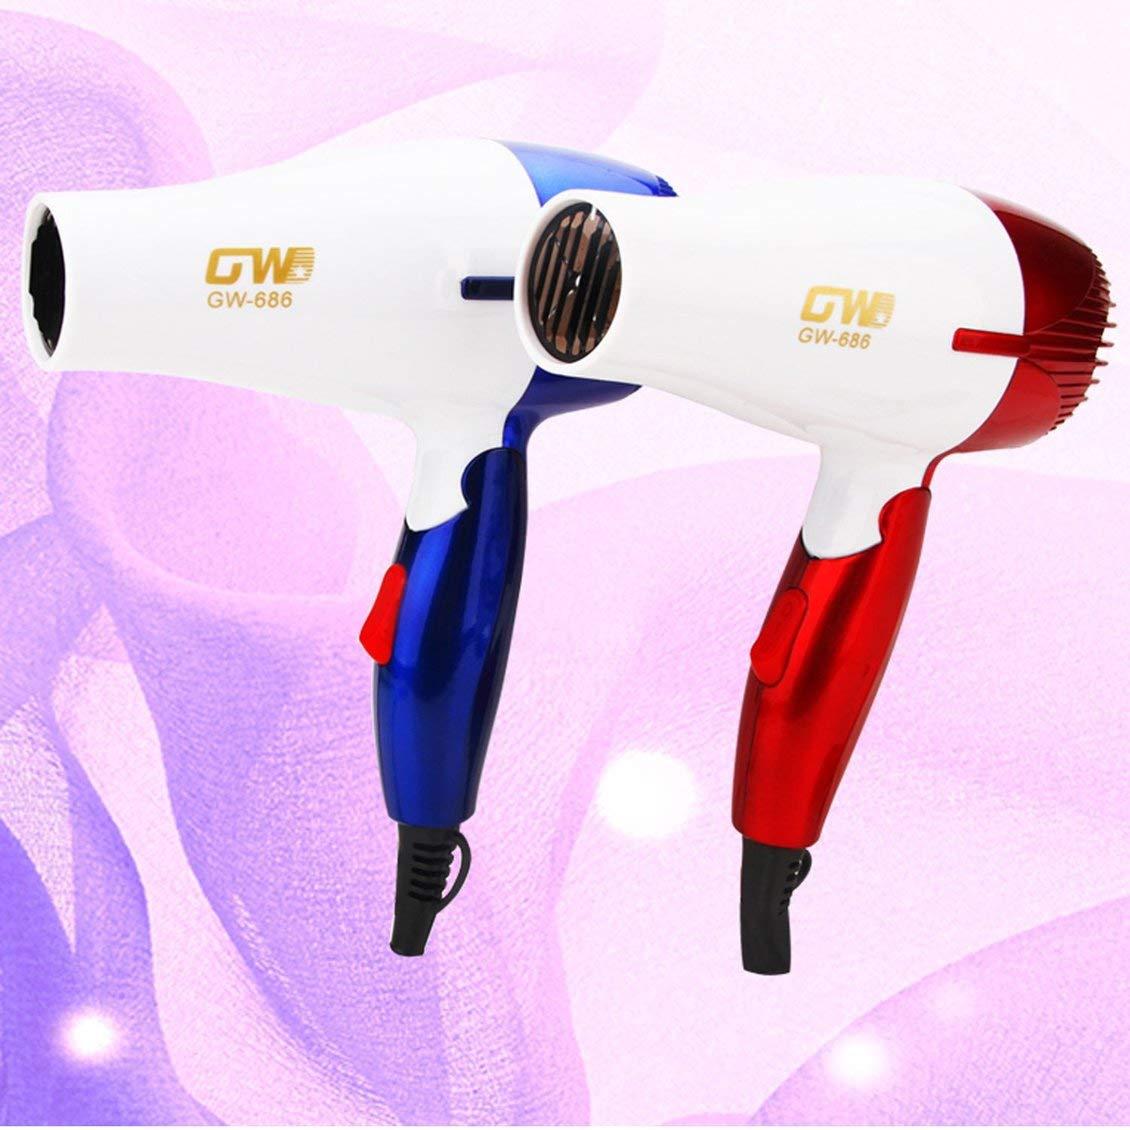 GW-686 1 Unid Mini Secador de Cabello Portátil Plegable Compacto Viajero Viajero Blower de bajo consumo Estudiantes de la escuela Soplador de aire: ...